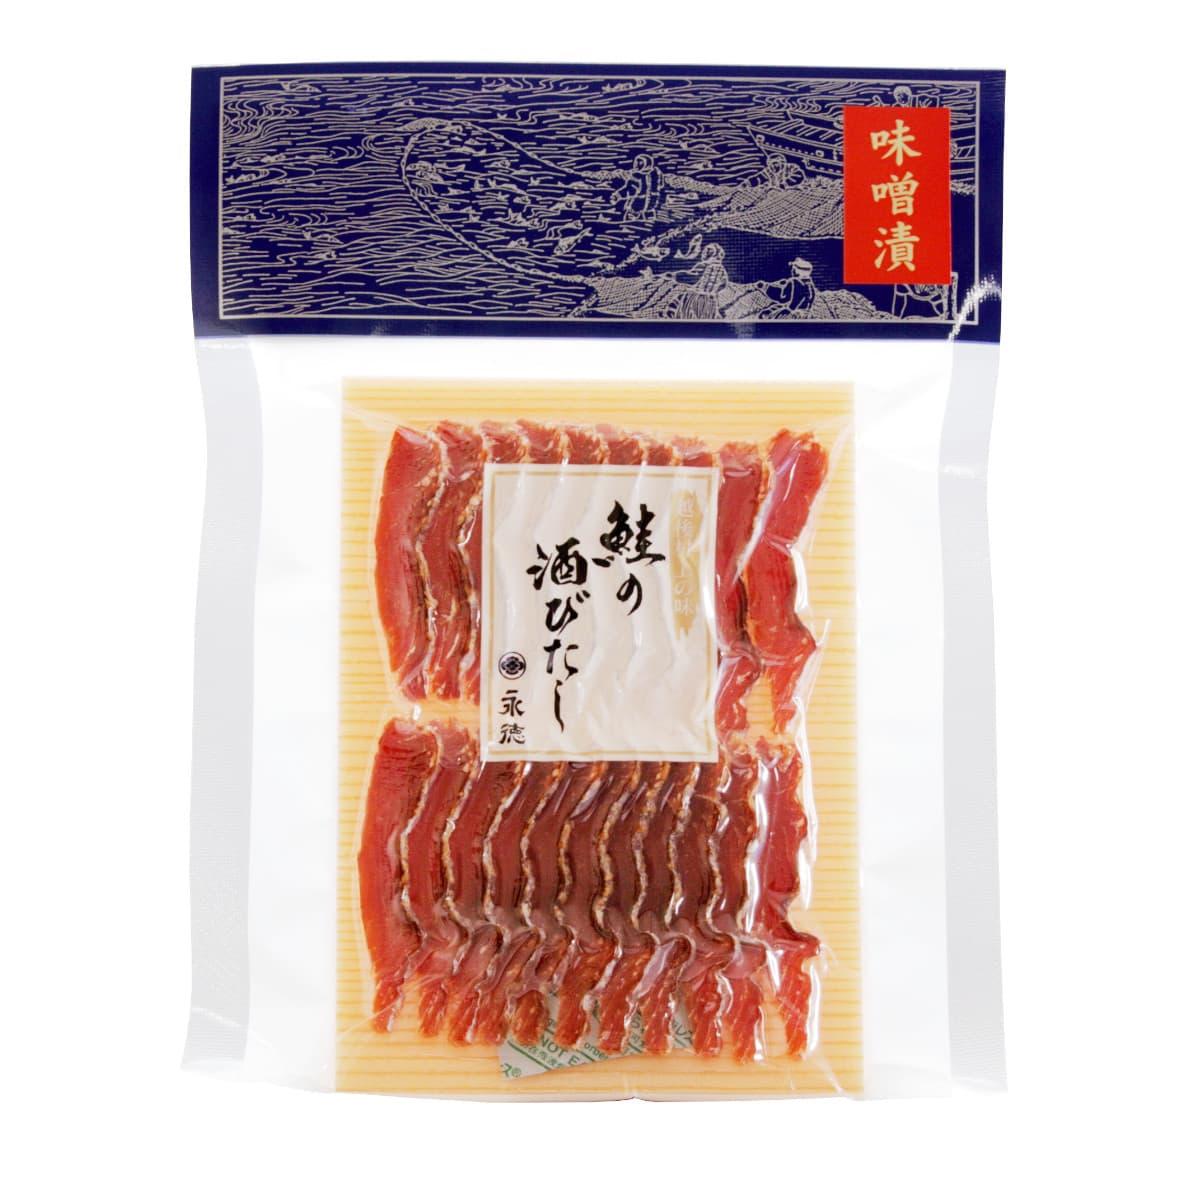 鮭の酒びたし味噌漬 30g